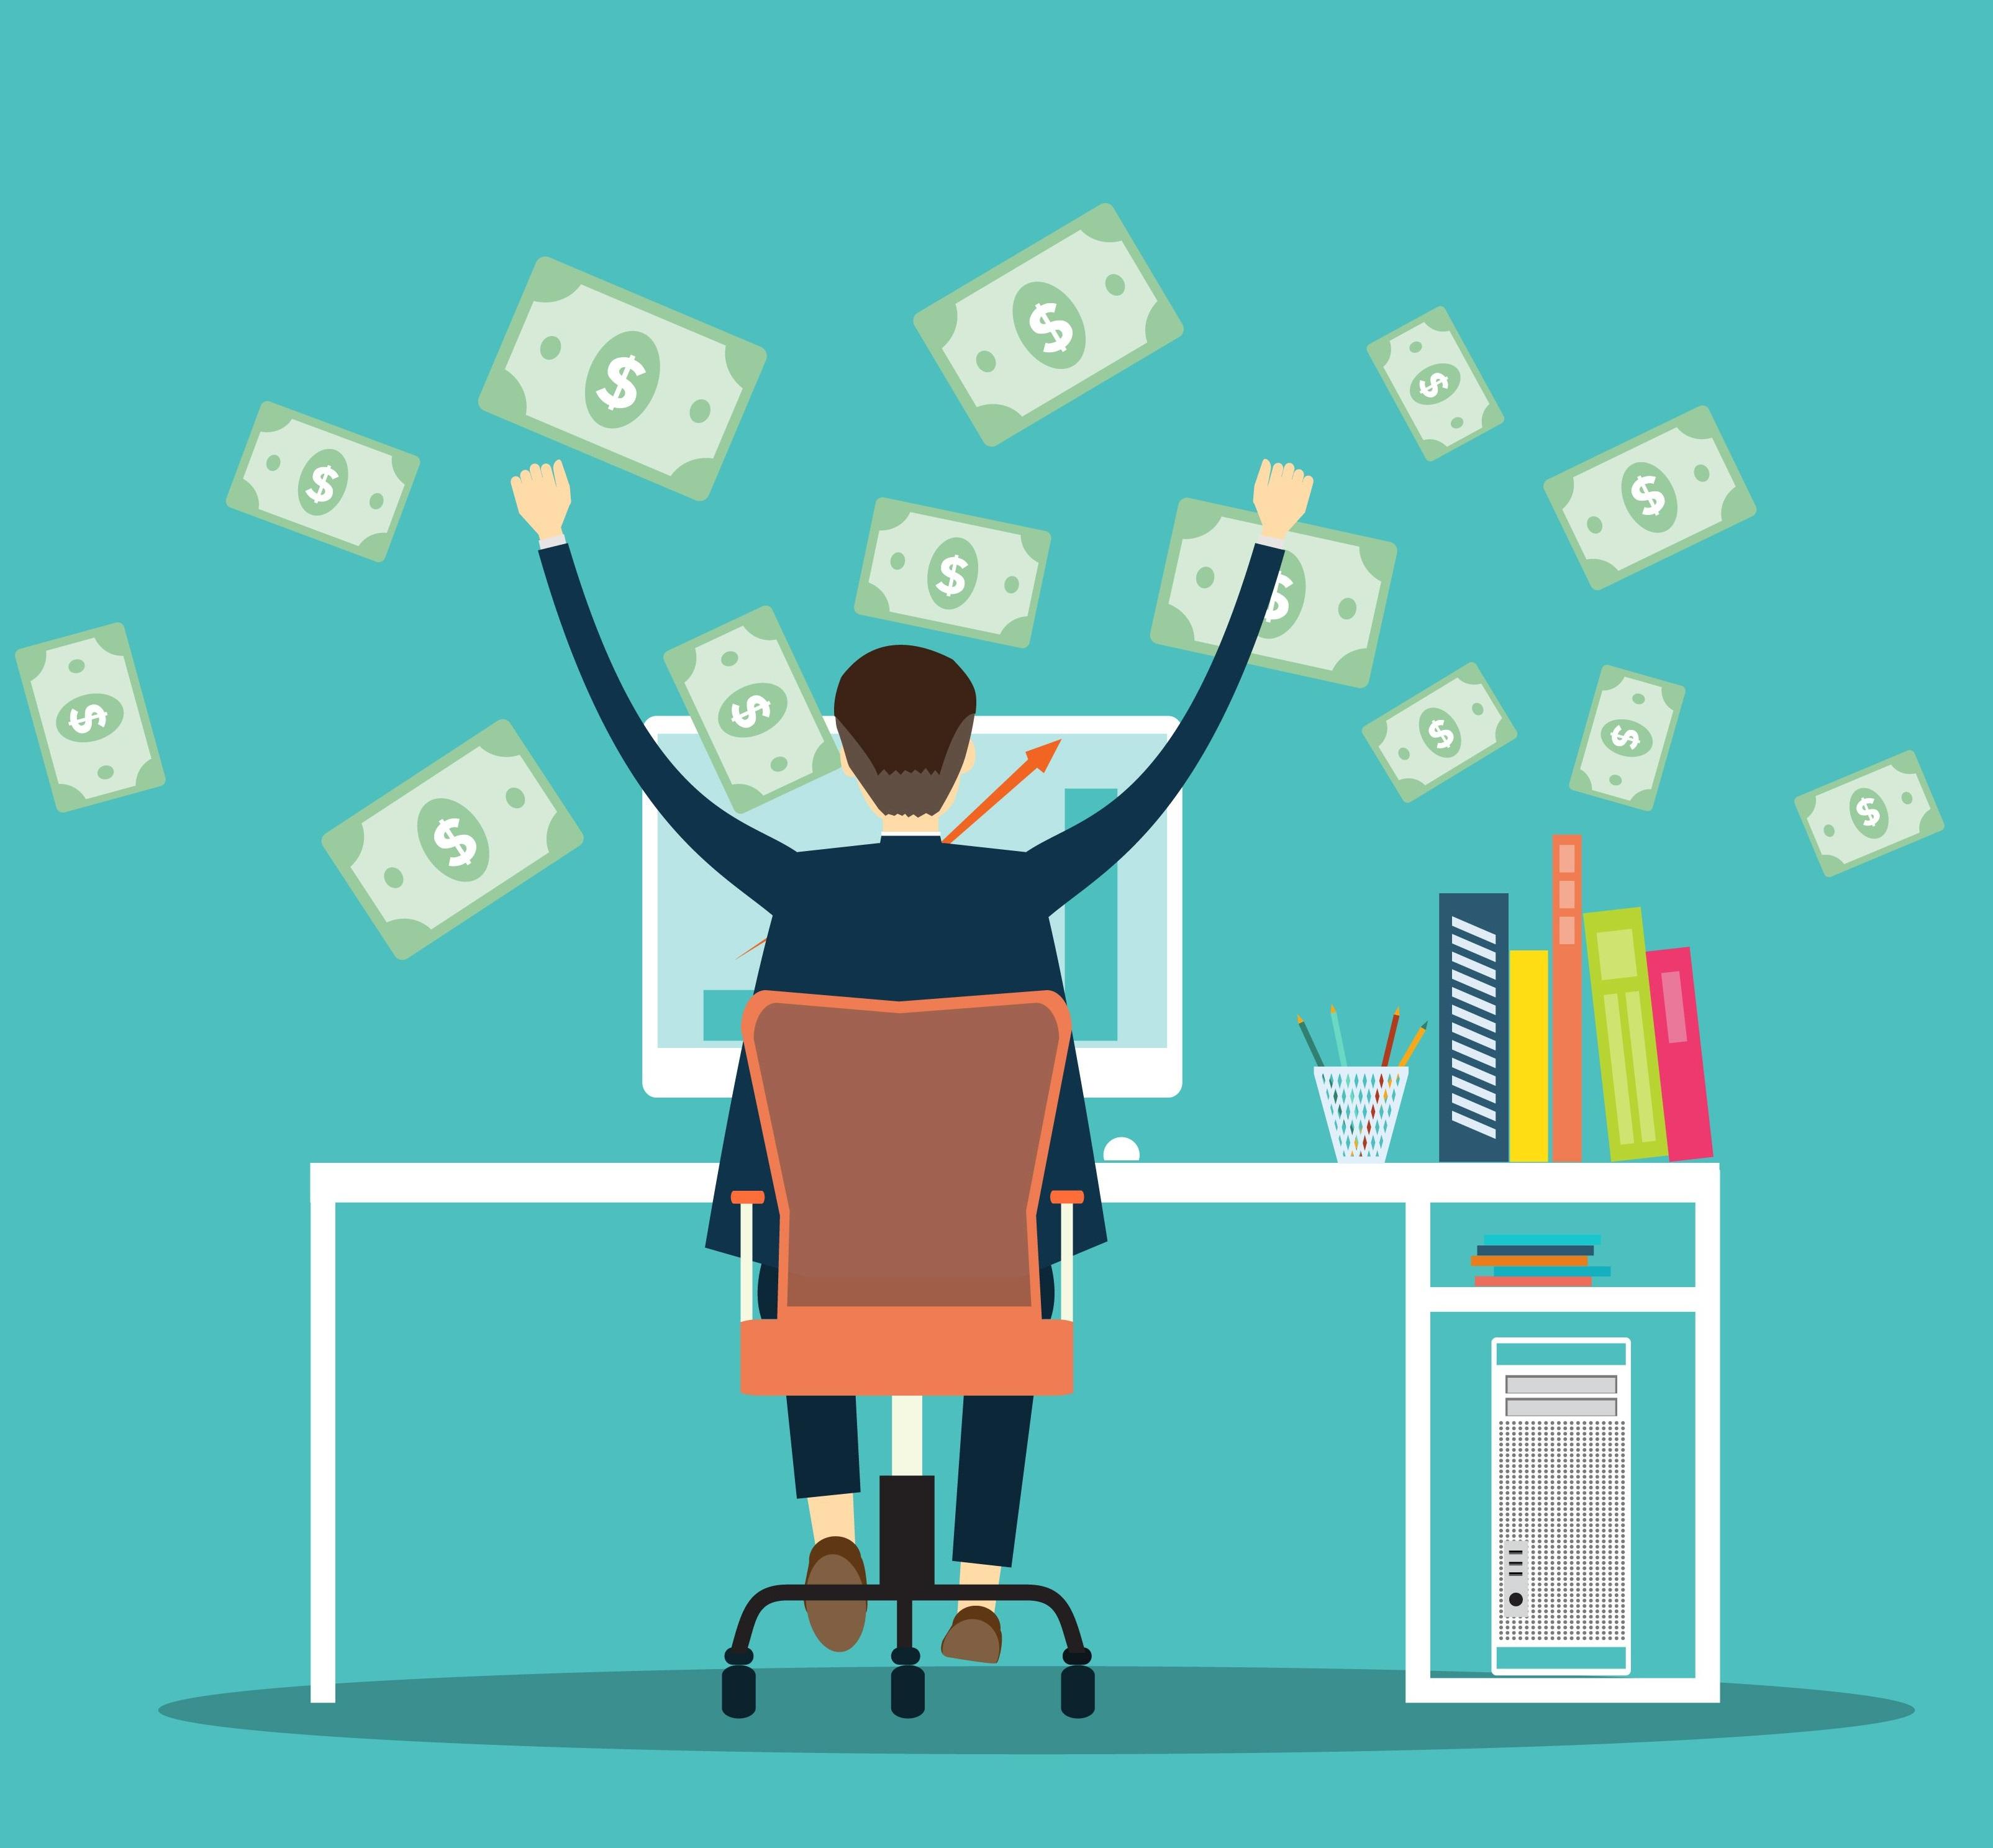 Làm Sao Để Có Tiền? 18 Cách Kiếm Tiền Bền Vững Và Hiệu Quả